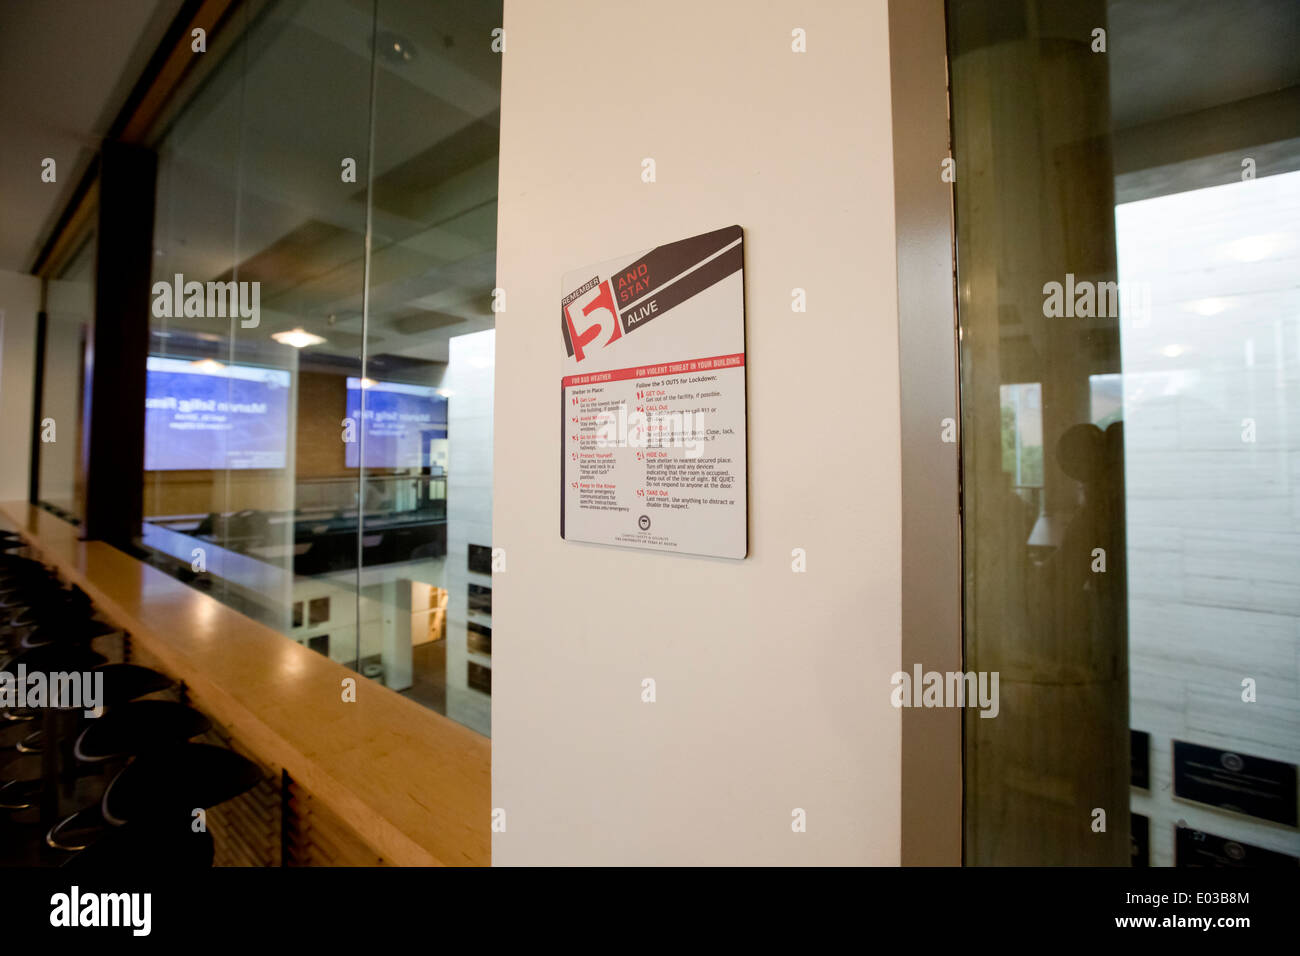 Señalizado dentro de la Universidad en Texas dando consejos de seguridad en caso de mal tiempo o de amenaza de violencia Imagen De Stock